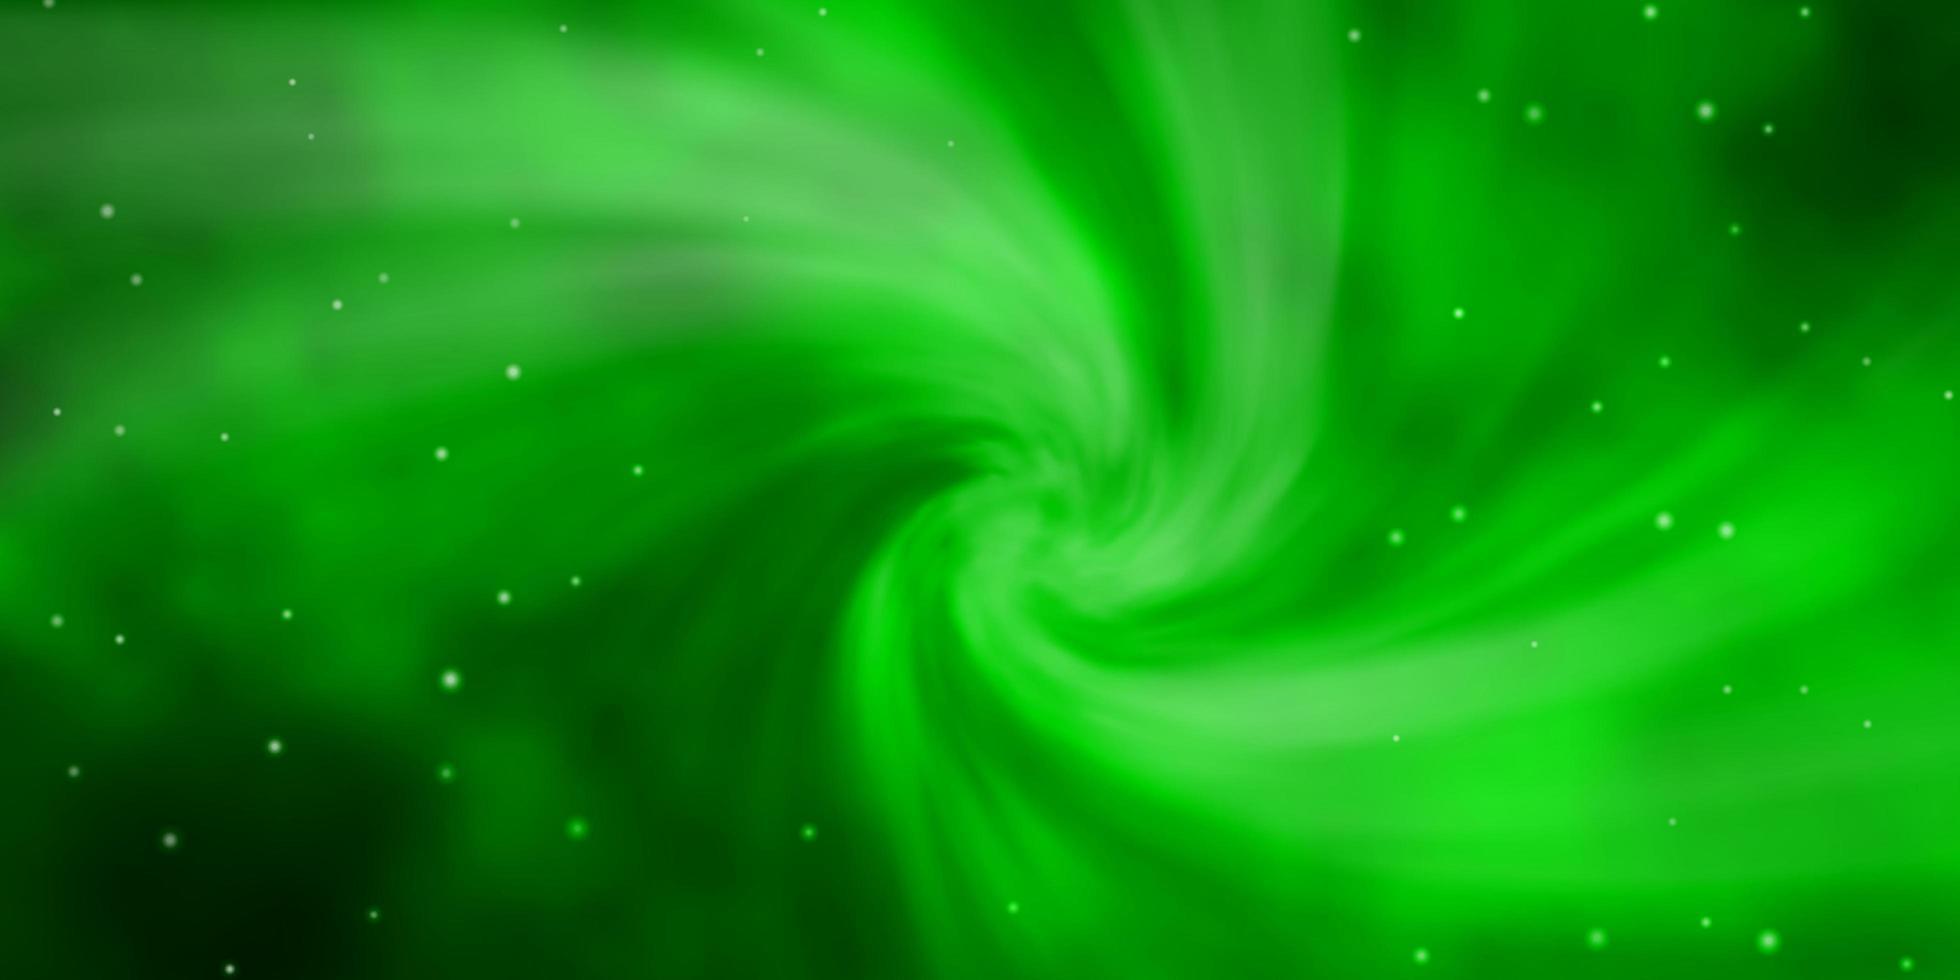 fundo verde claro com estrelas pequenas e grandes. vetor